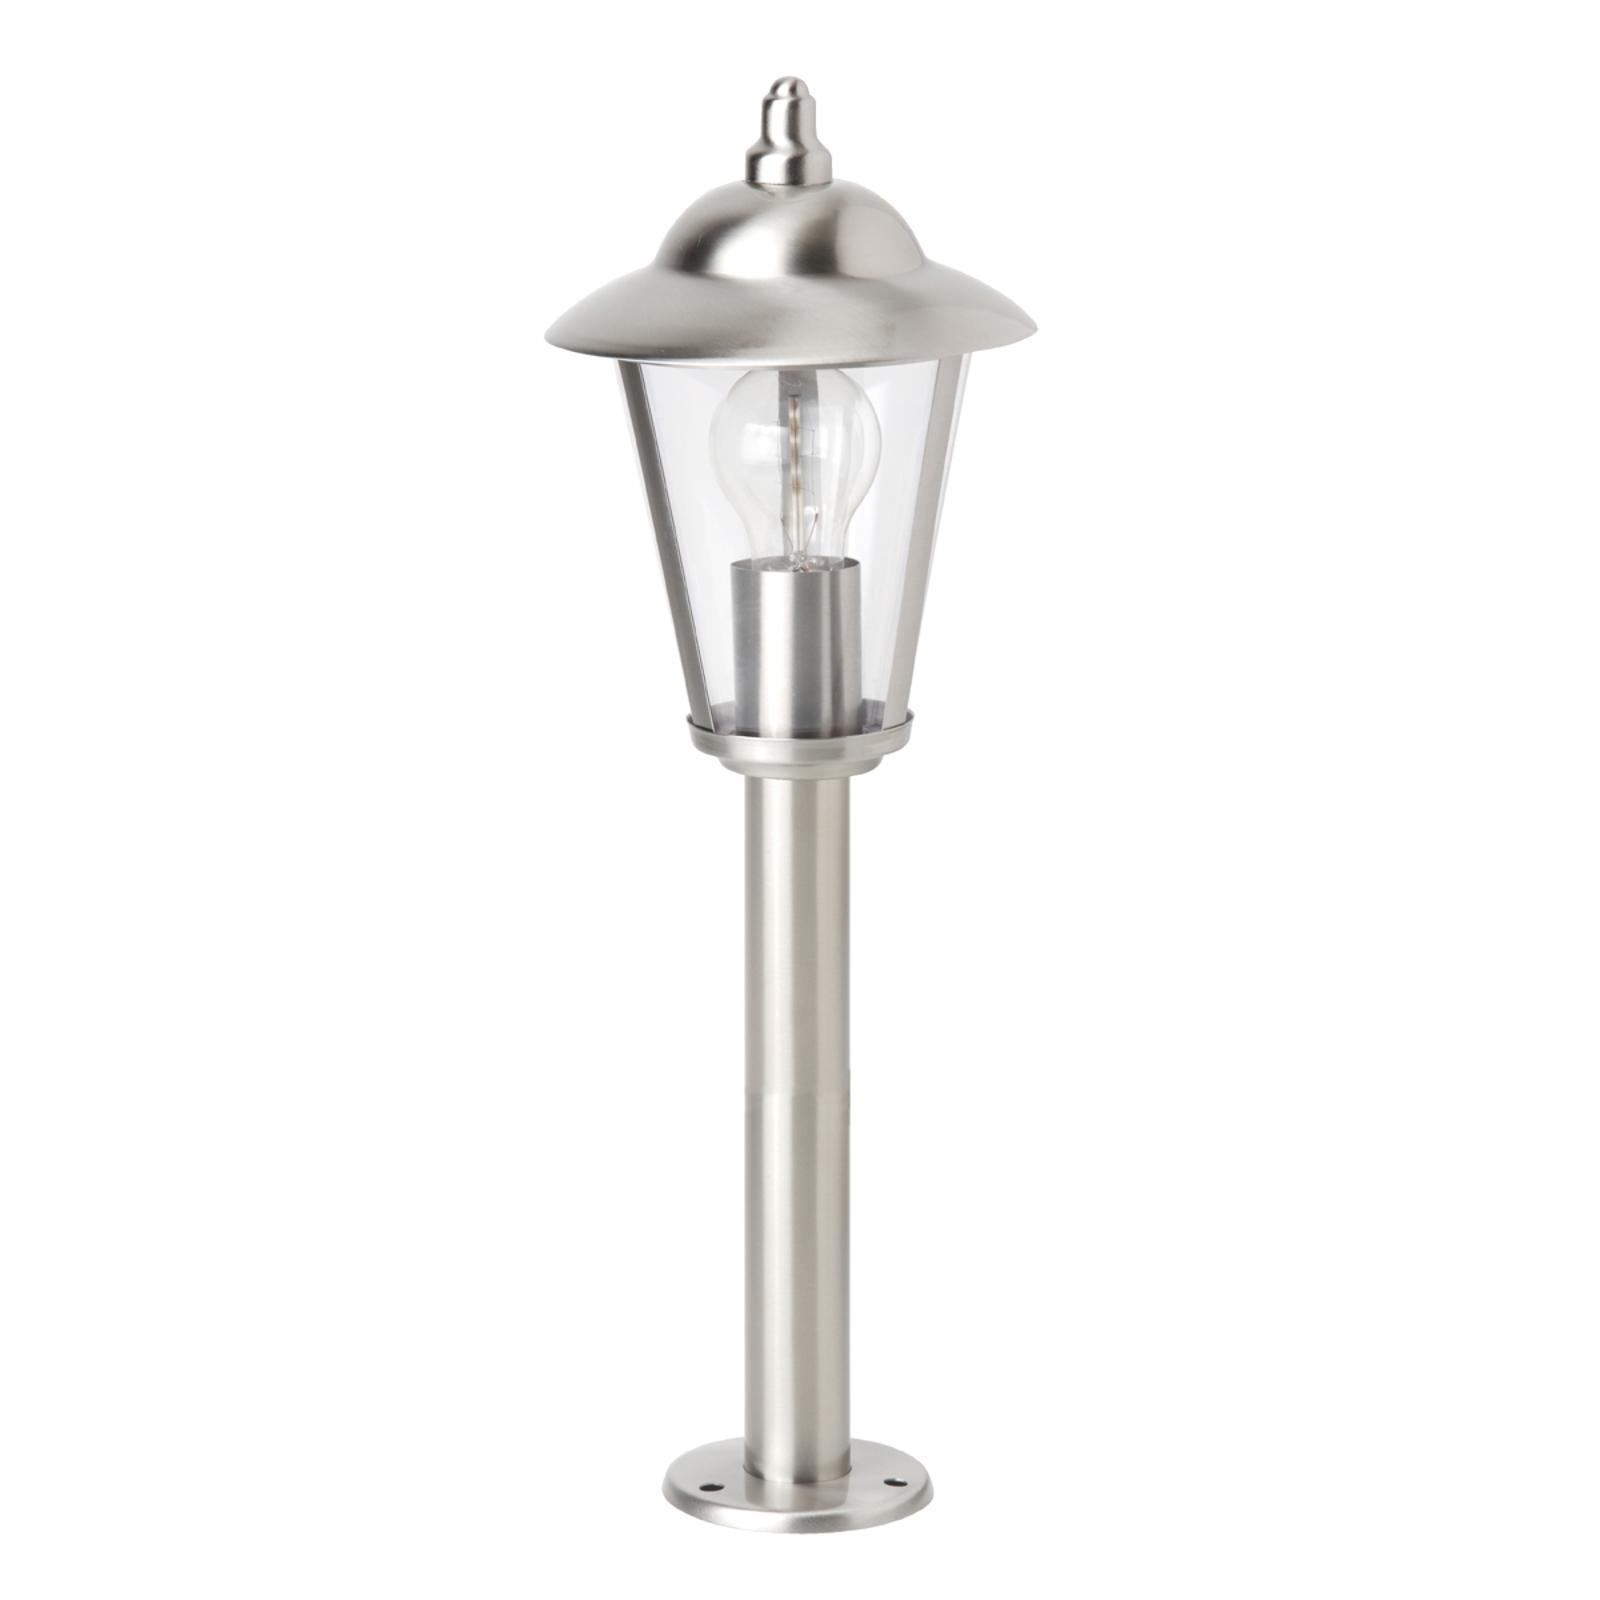 Sokkellampe Neil av rustfritt stål